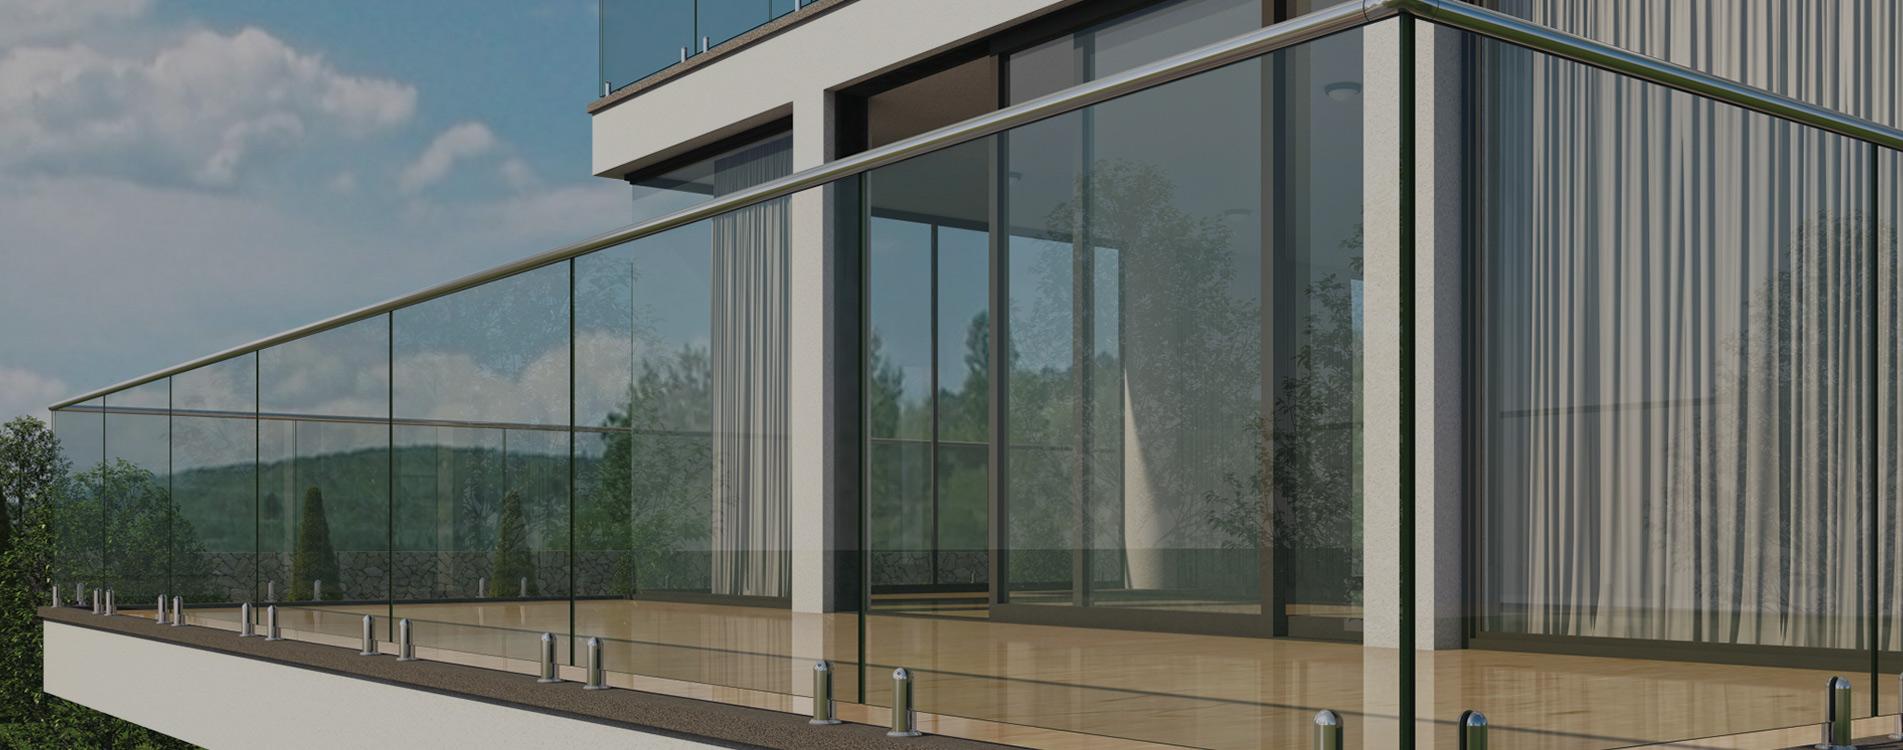 Алуминиеви парапети със стъкло от Мурати Стил